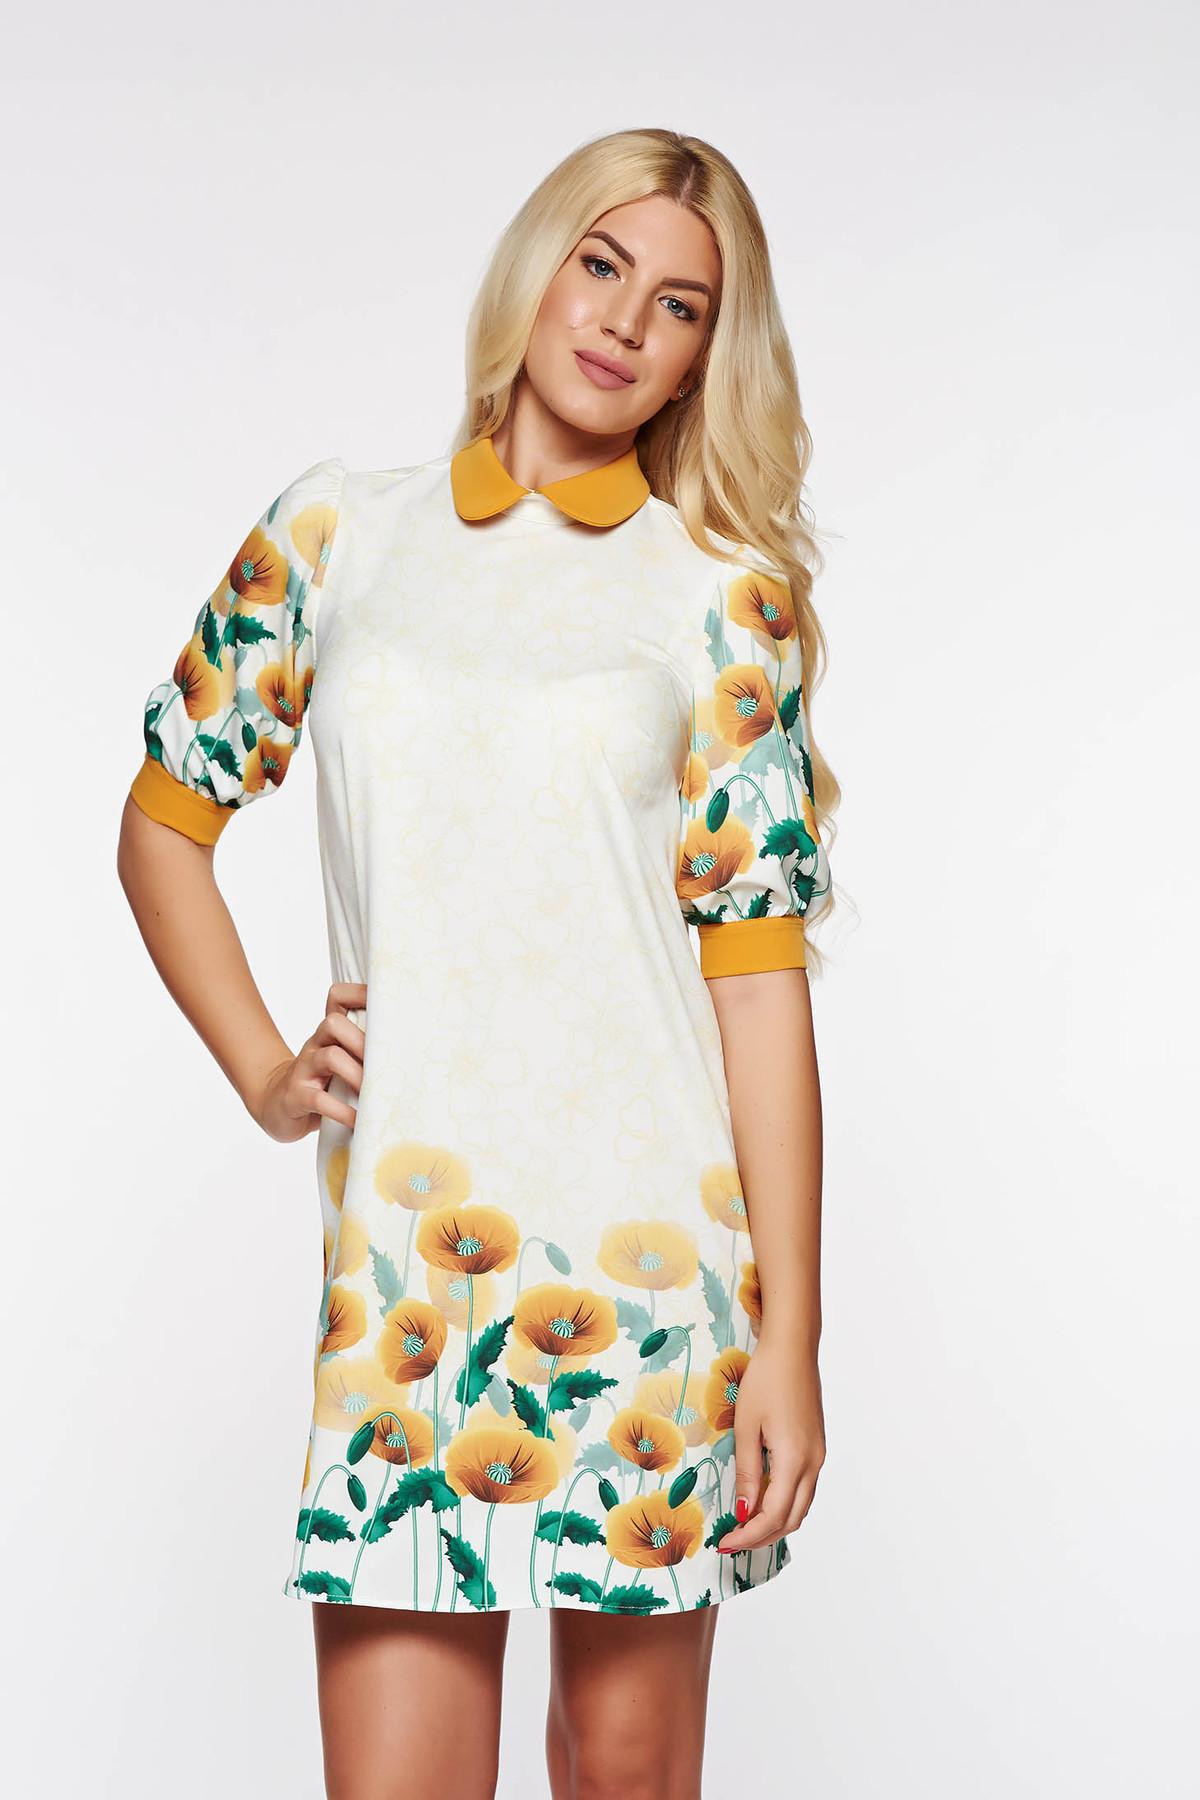 Rochie PrettyGirl mustarie eleganta cu croi larg din material usor elastic cu imprimeuri florale